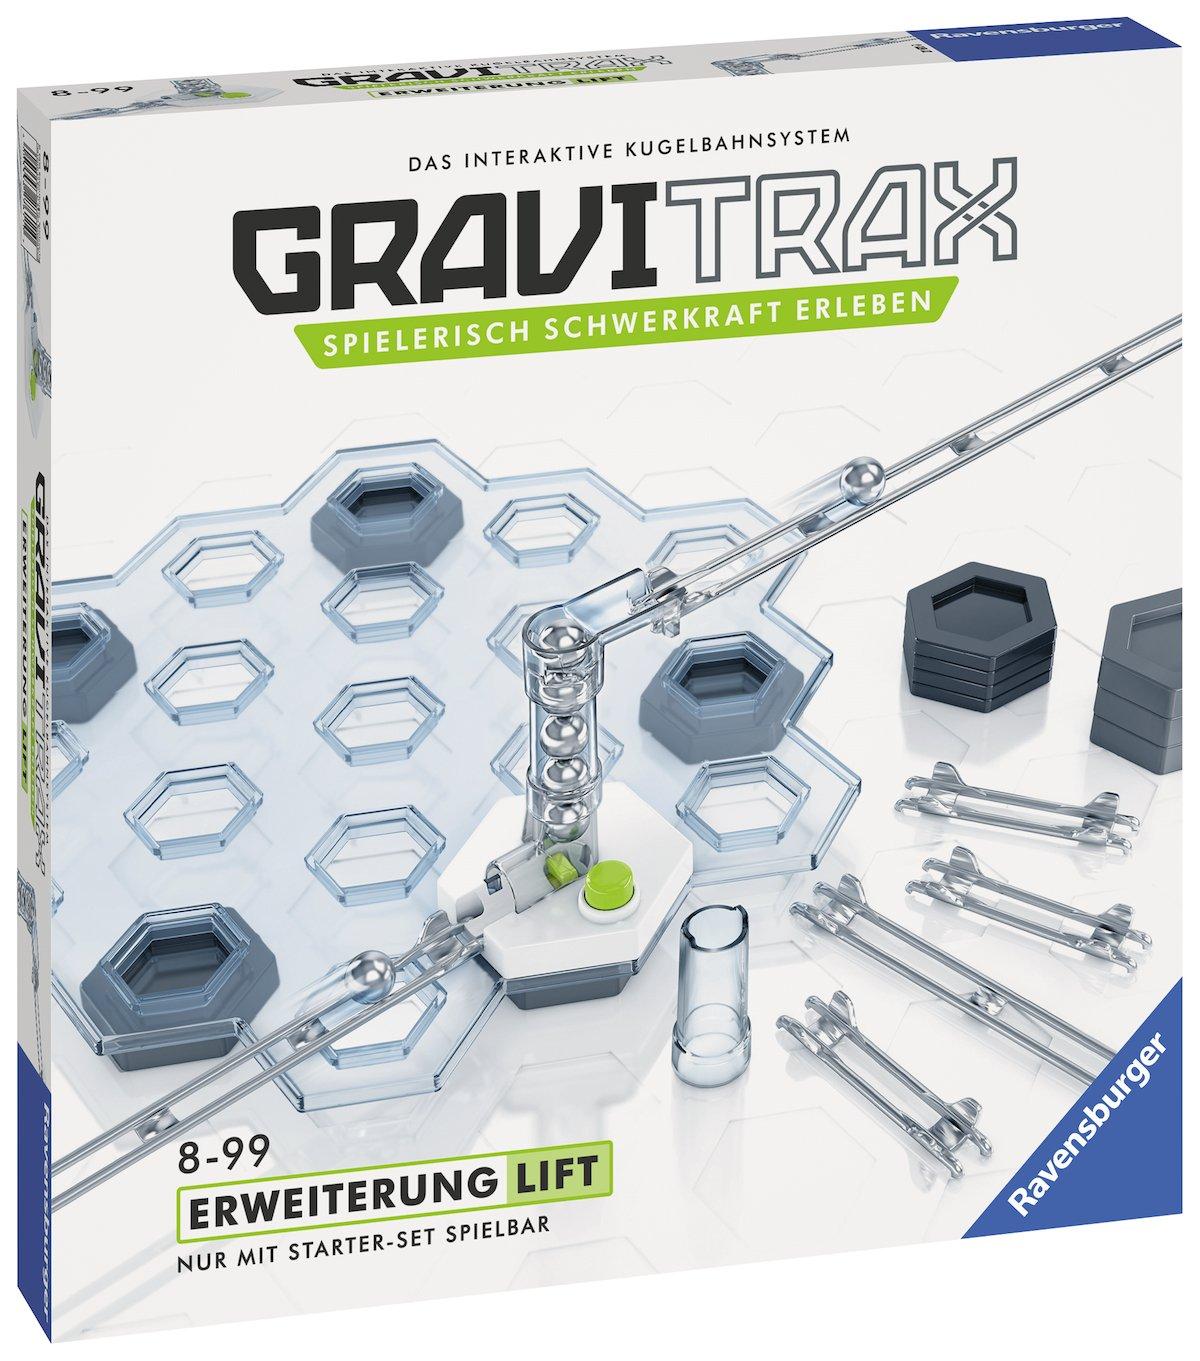 GraviTrax 27611 Lift Spielzeug, bunt Ravensburger Spielverlag